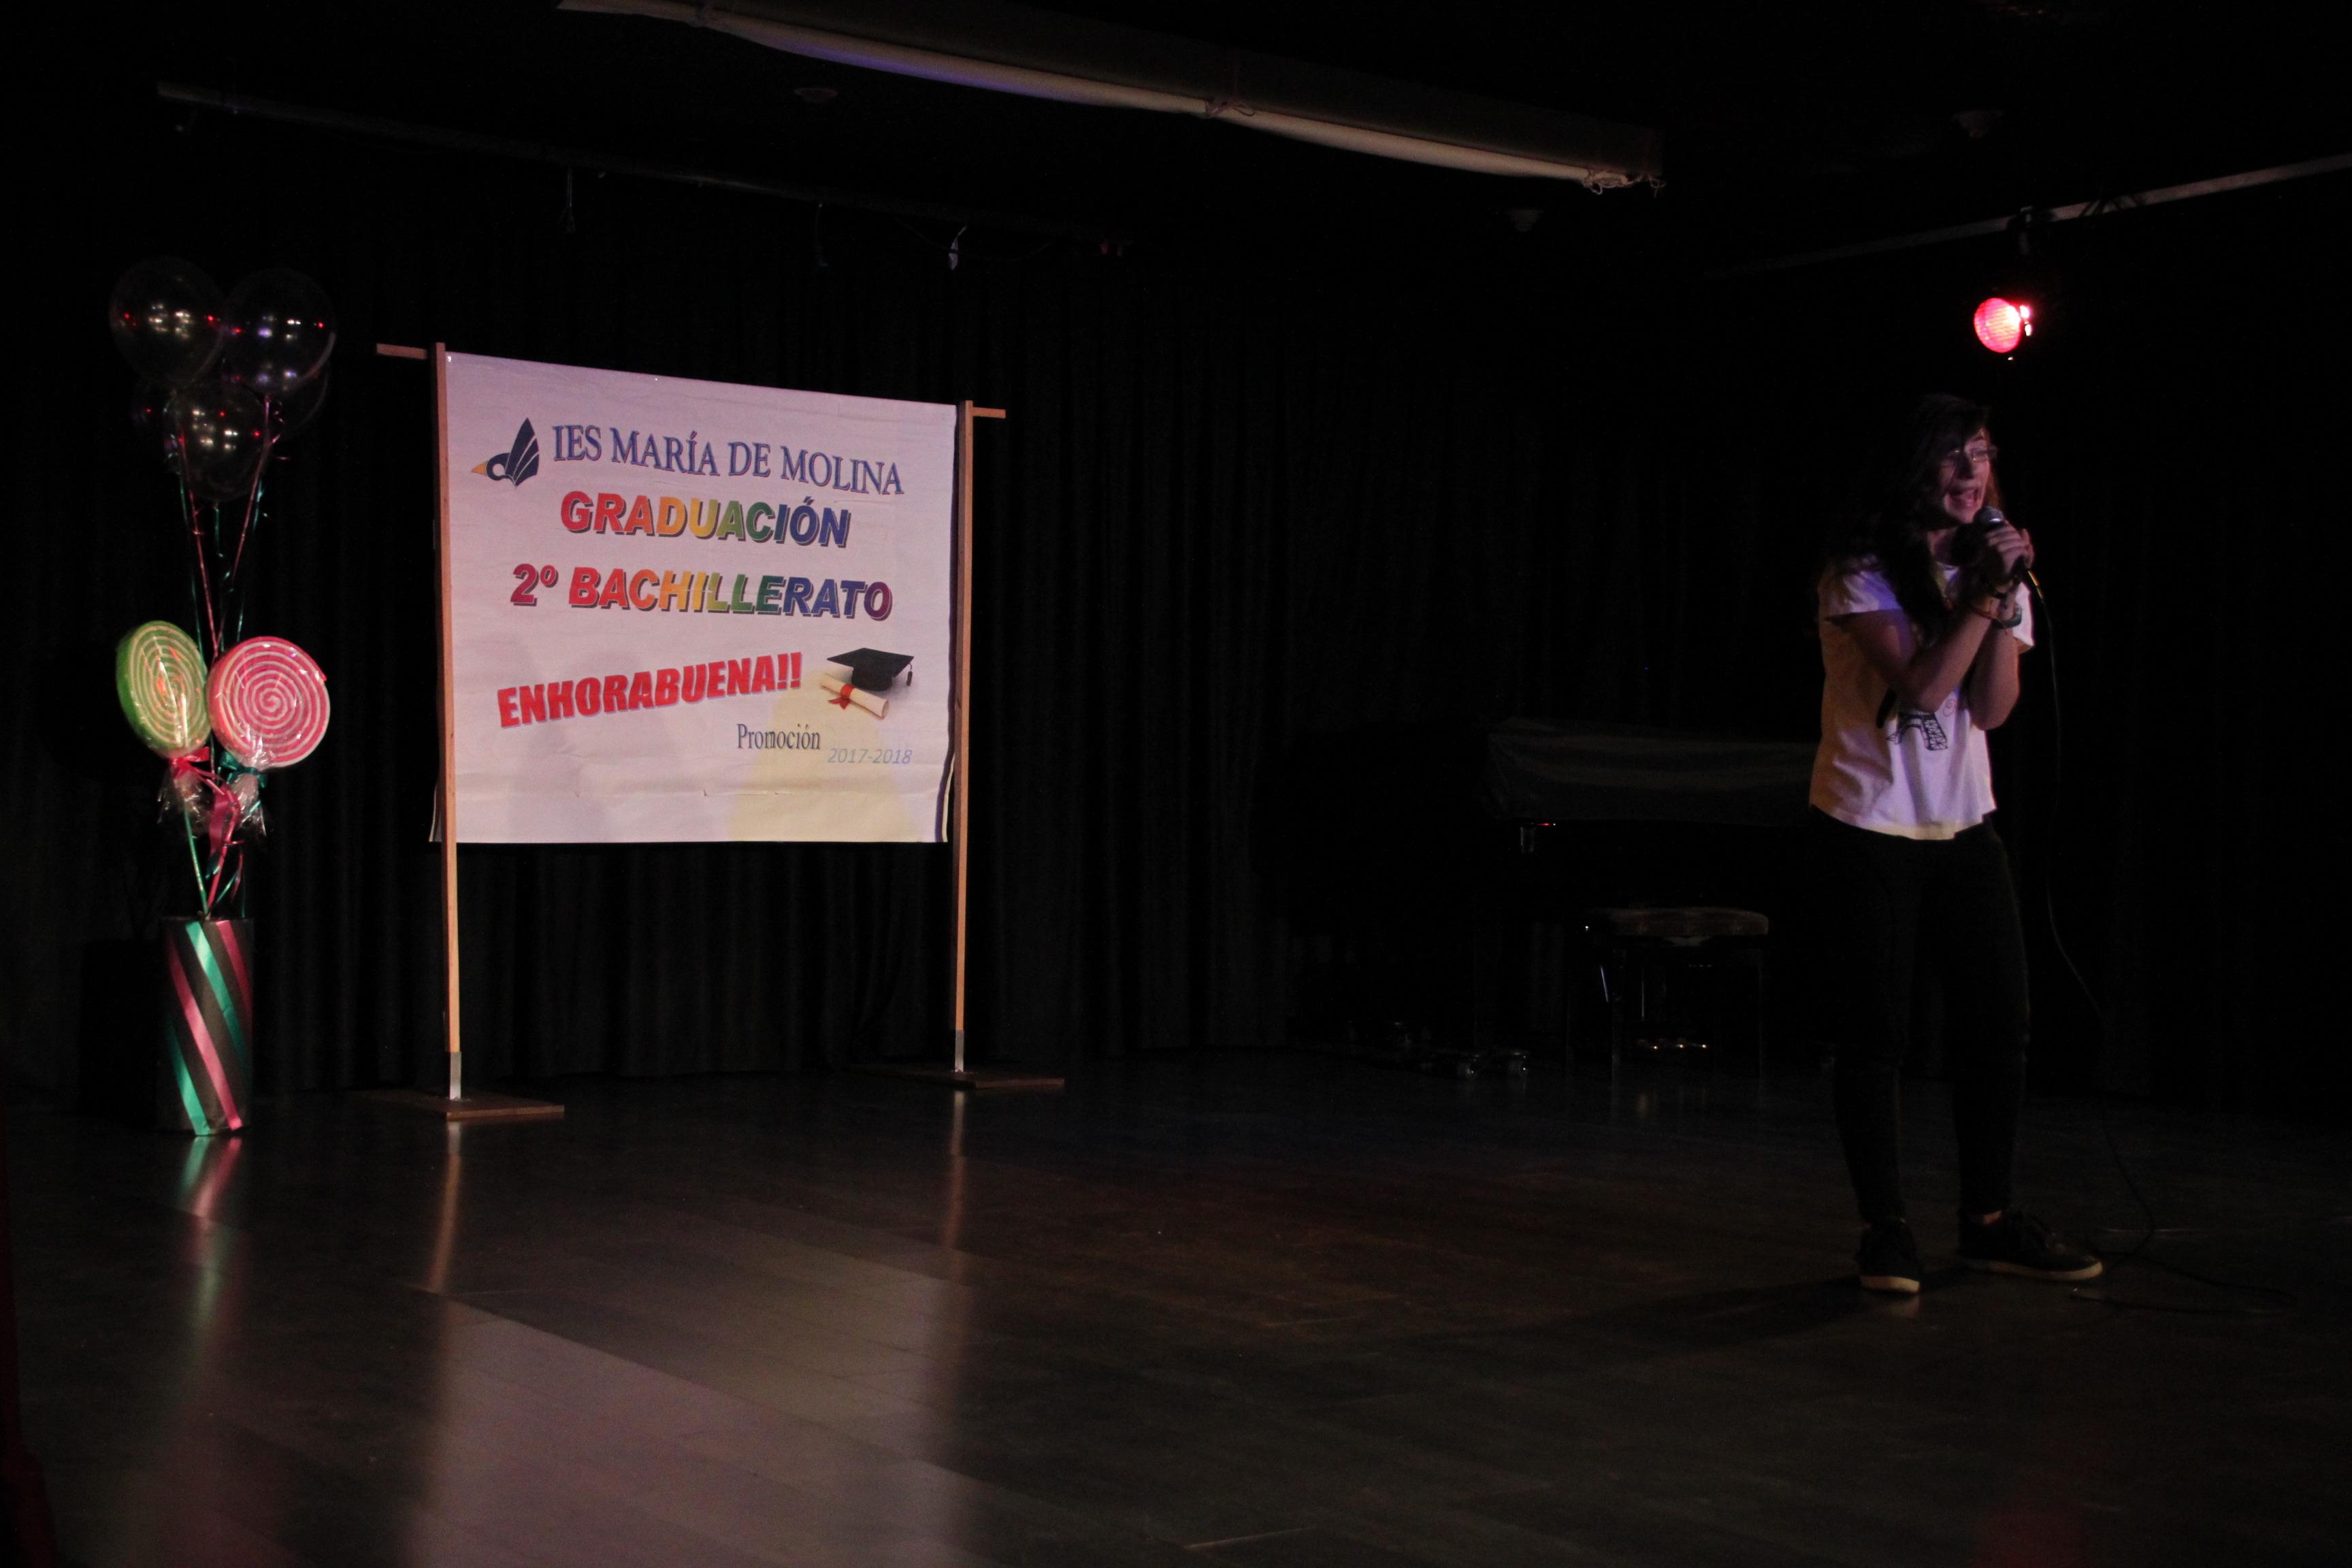 Graduación 2º bachillerato 2017-2018. IES María de Molina (Madrid) (1/2) 27